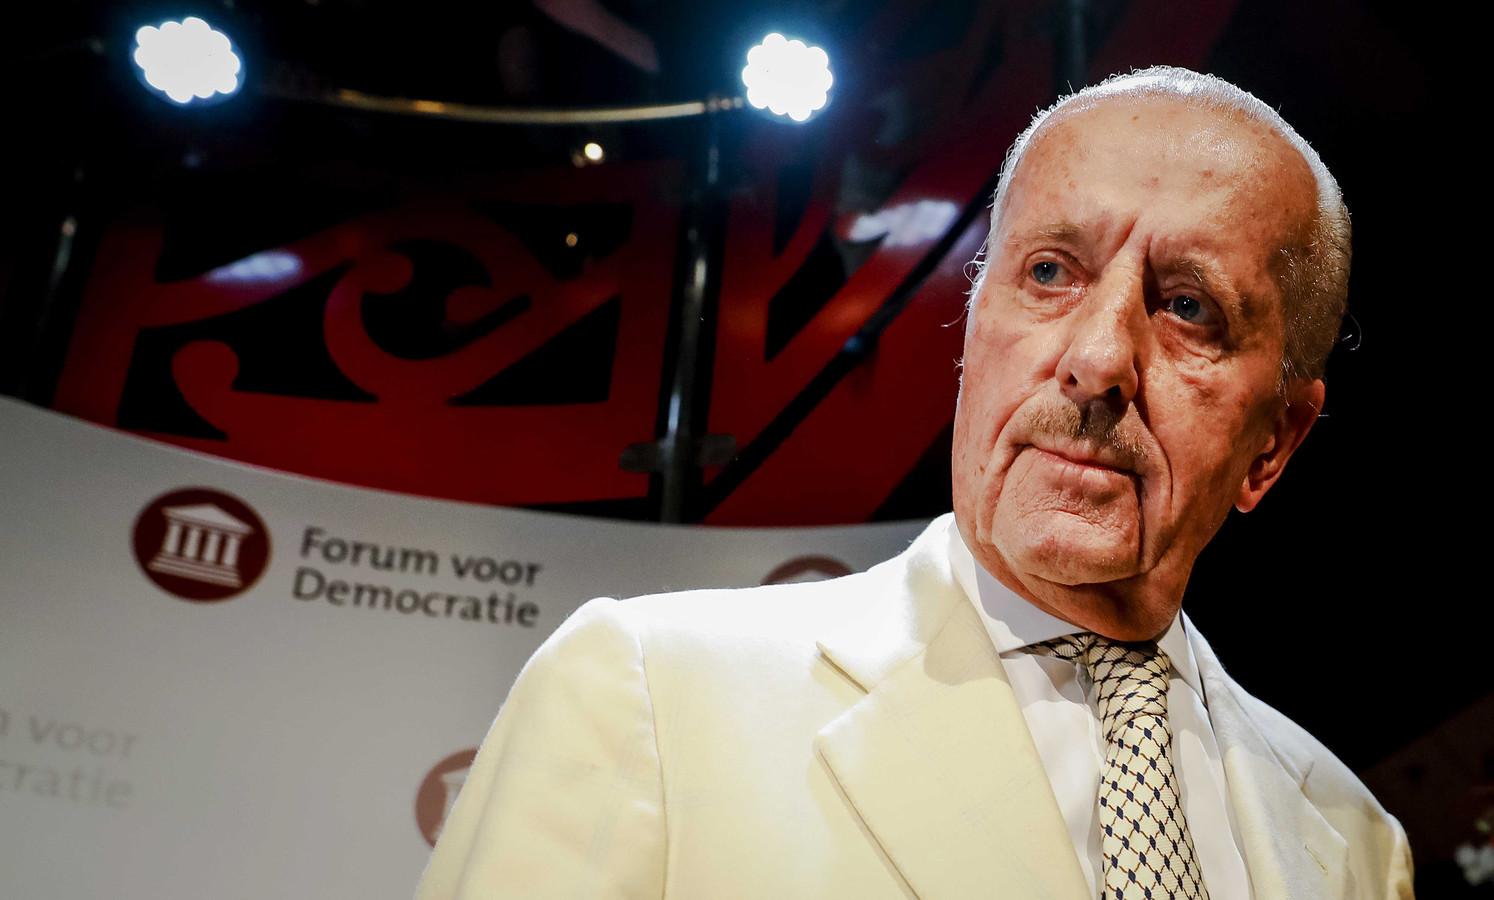 Theo Hiddema van Forum voor Democratie (FvD) tijdens de uitslagenavond van de Provinciale Statenverkiezingen.